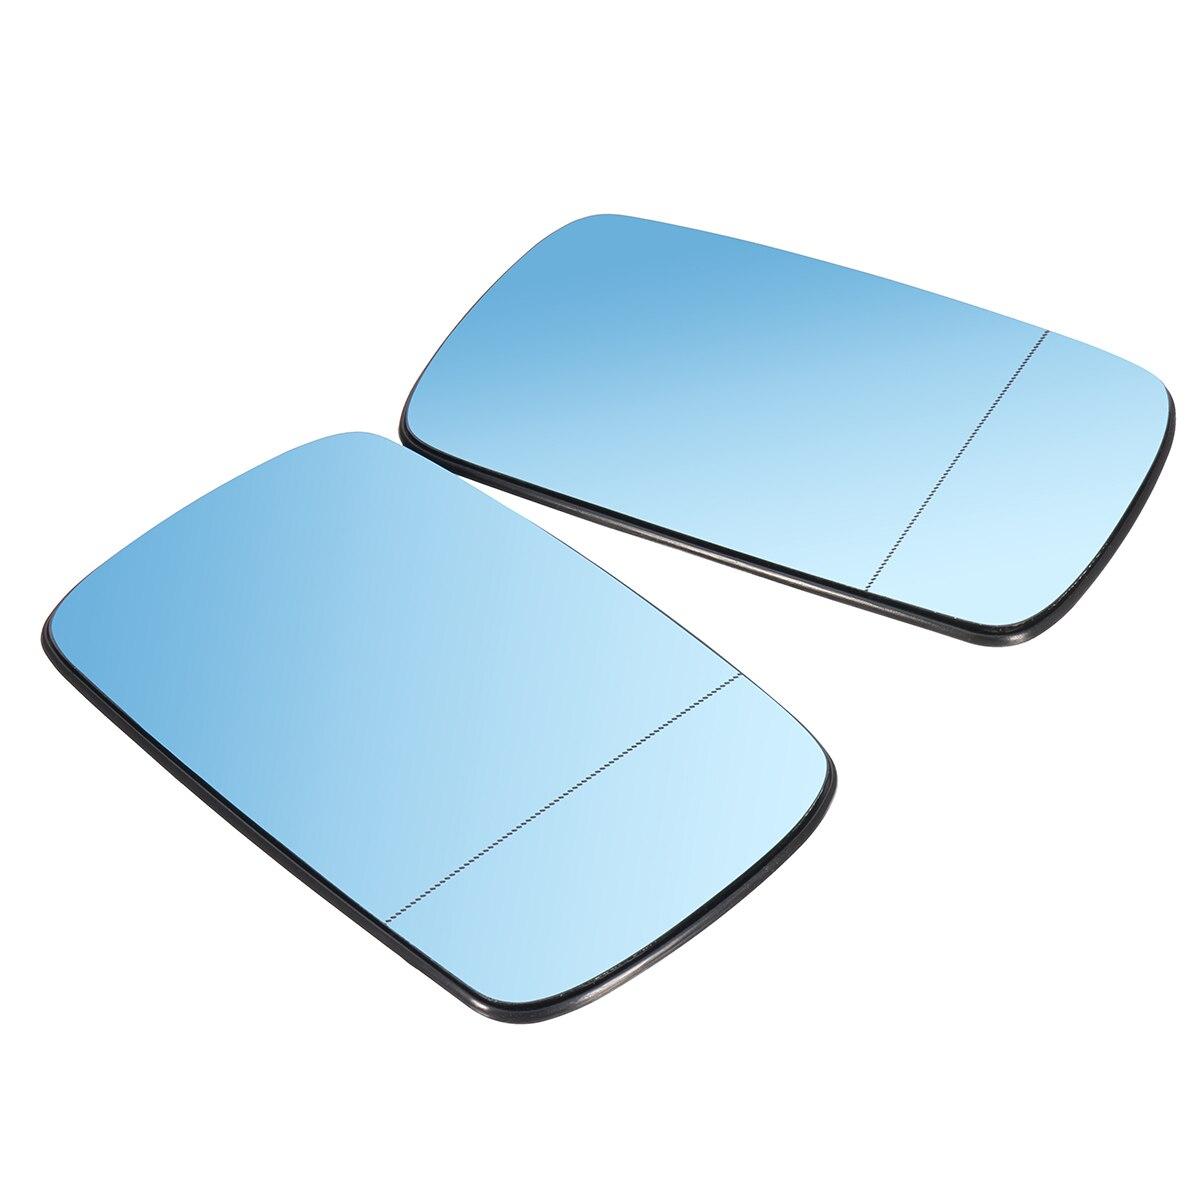 Derecho Lado Del Conductor Ala Gran Angular Cristal Espejo Puerta Para VW Bora 1998-2005 calentada